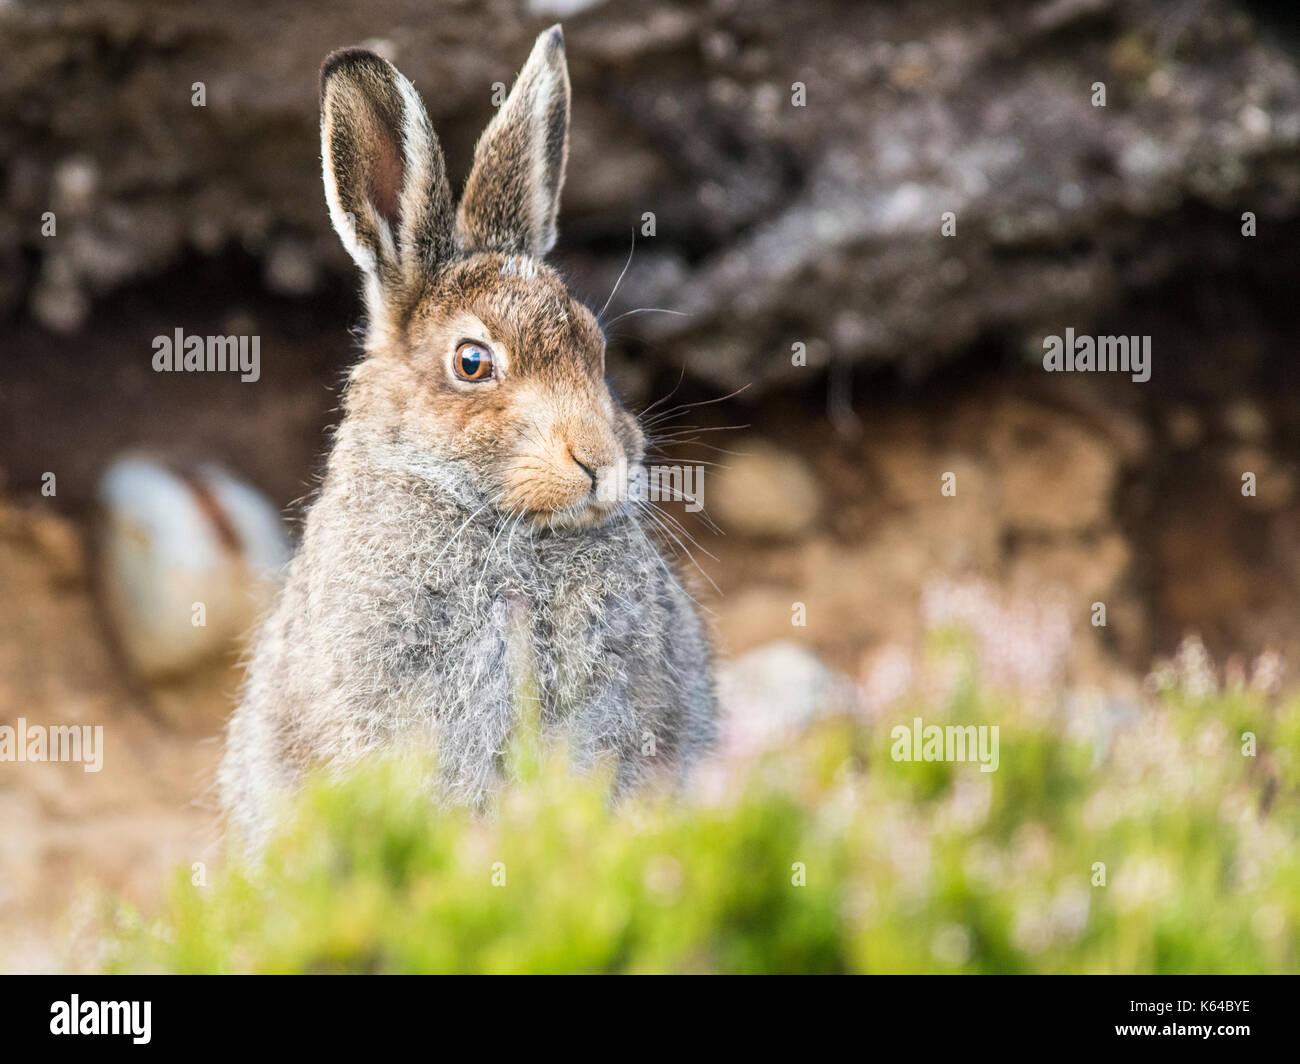 Schneehase (Lepus timidus) sitzt in Habitat, Sommer Mantel, Cairngroms Nationalpark, Highlands, Schottland, Großbritannien Stockbild